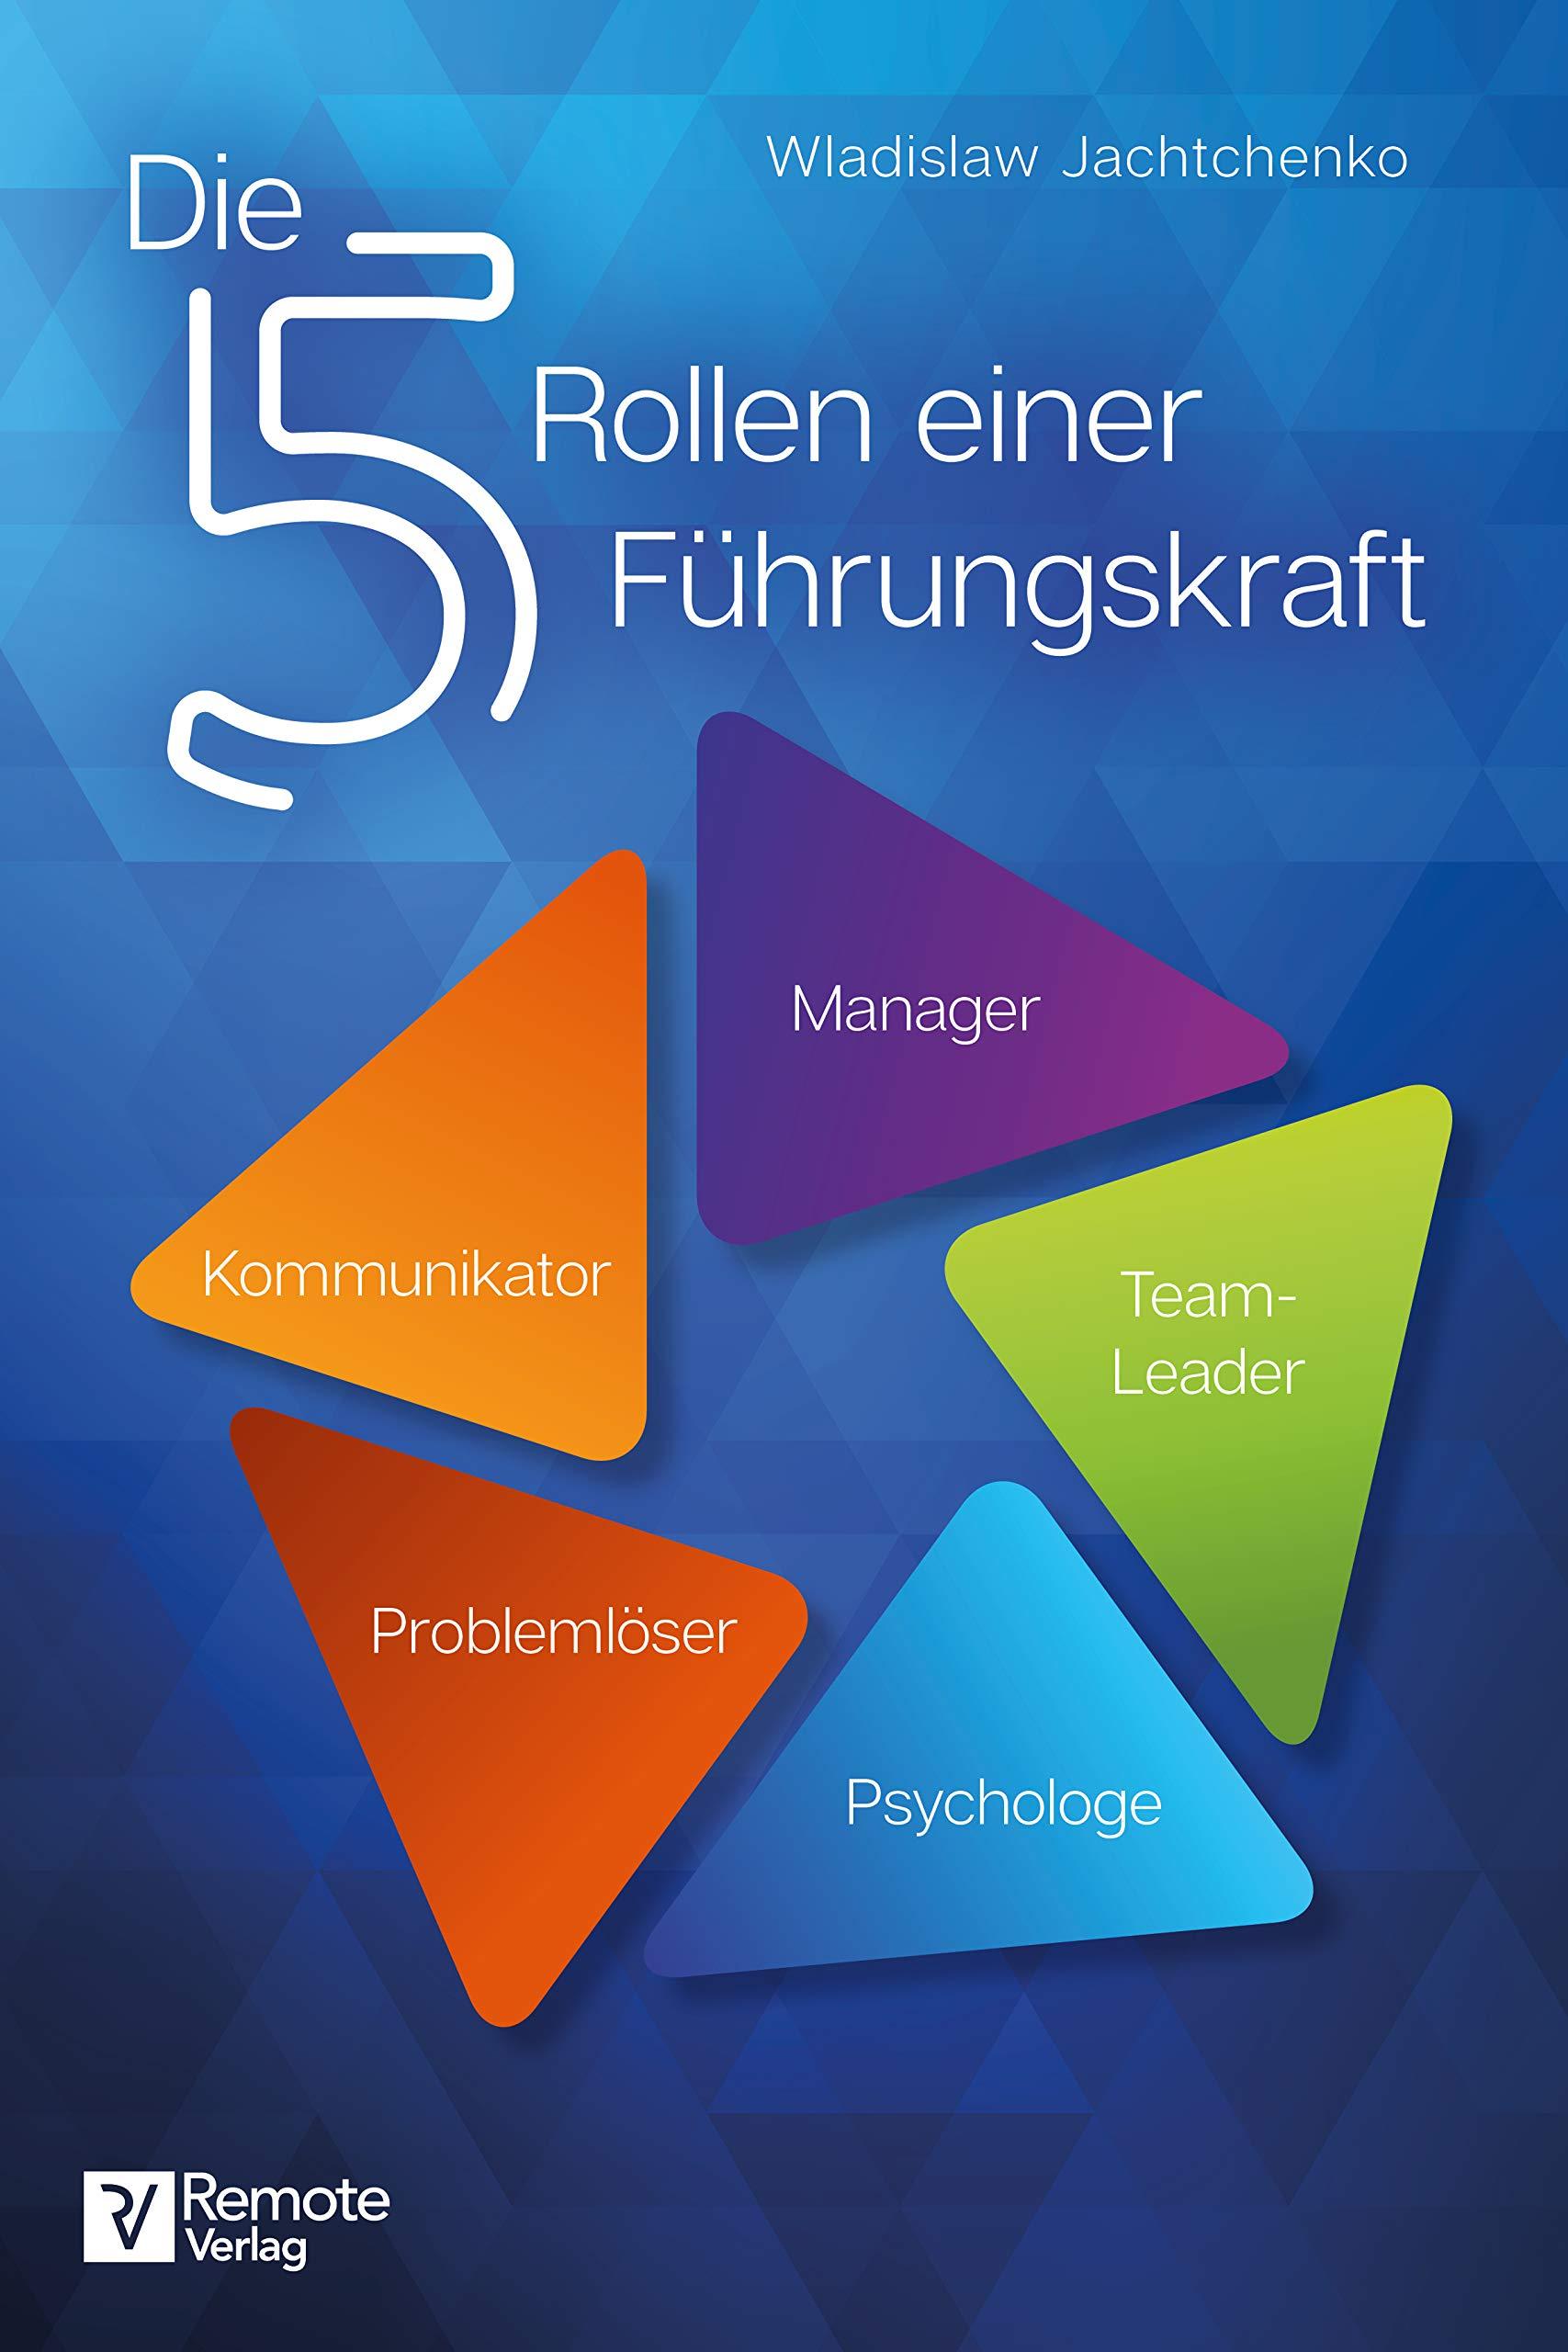 Die 5 Rollen einer Führungskraft (German Edition)